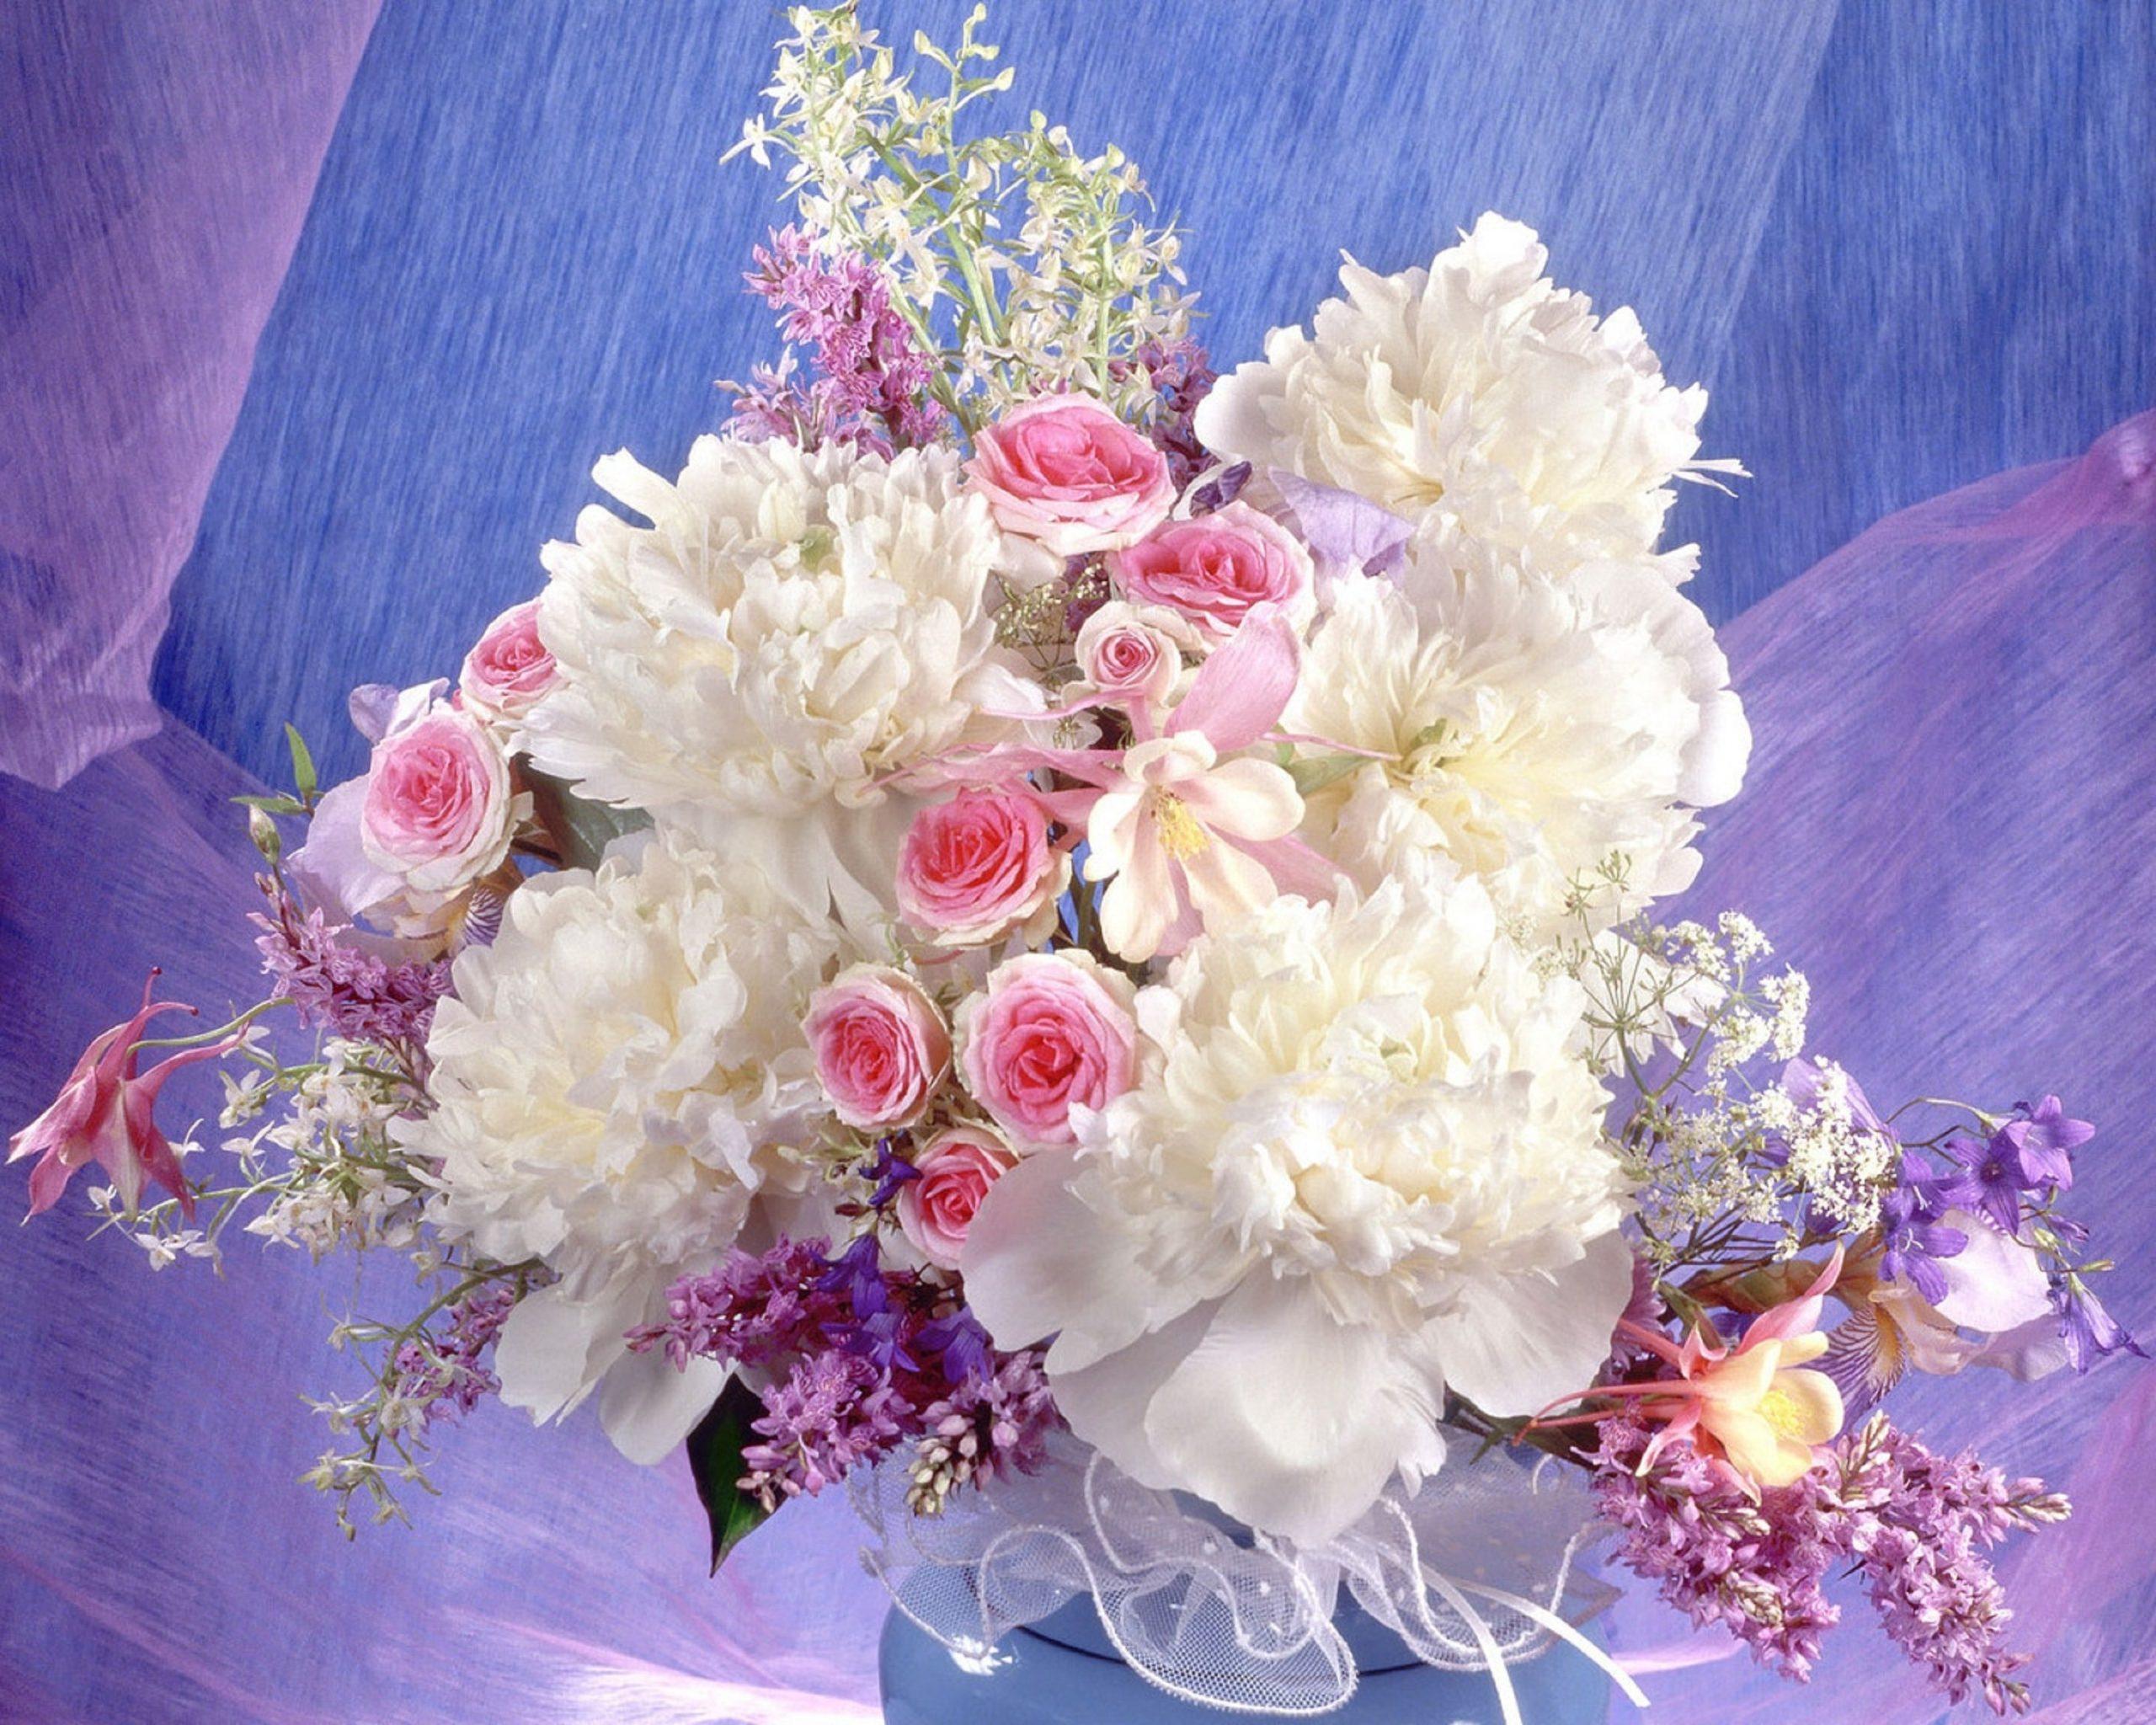 Pfingstrosen, Rosen, Blumen, Lied, Blume, Dekoration verwandt mit Blumenbilder Kostenlos Herunterladen